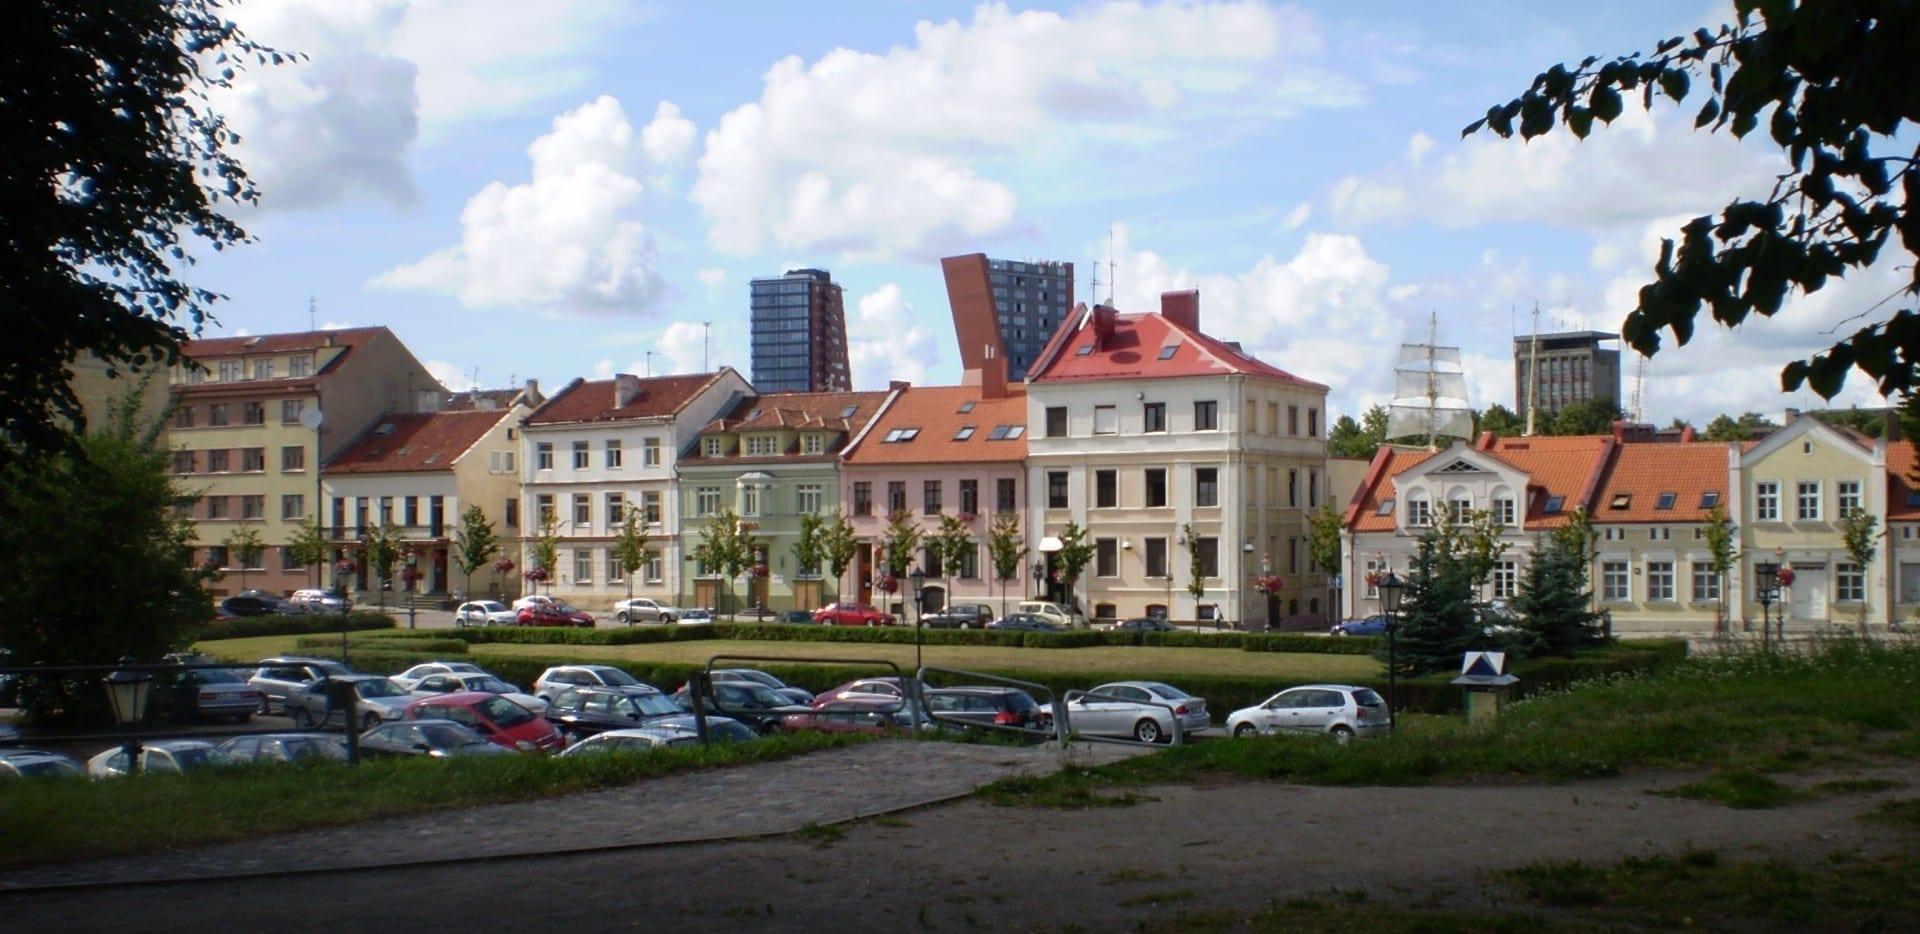 Klaipėda Lituania